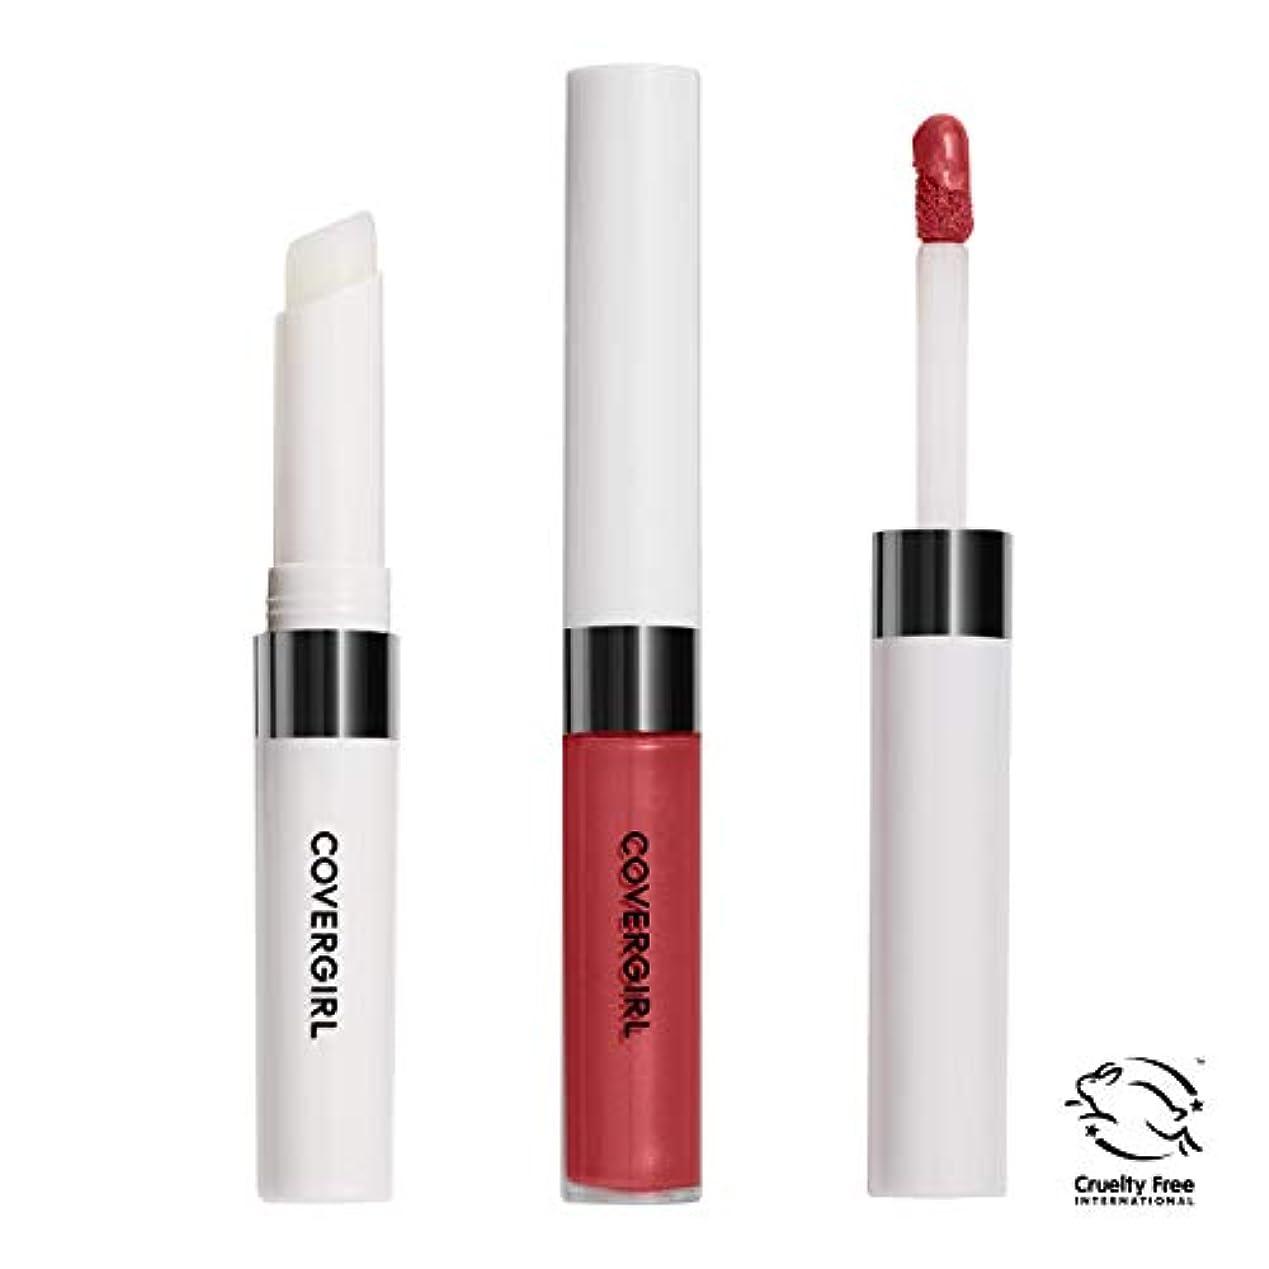 障害者移行最も遠いCOVERGIRL Outlast All-Day Lip Color - Red Hot 517 (並行輸入品)